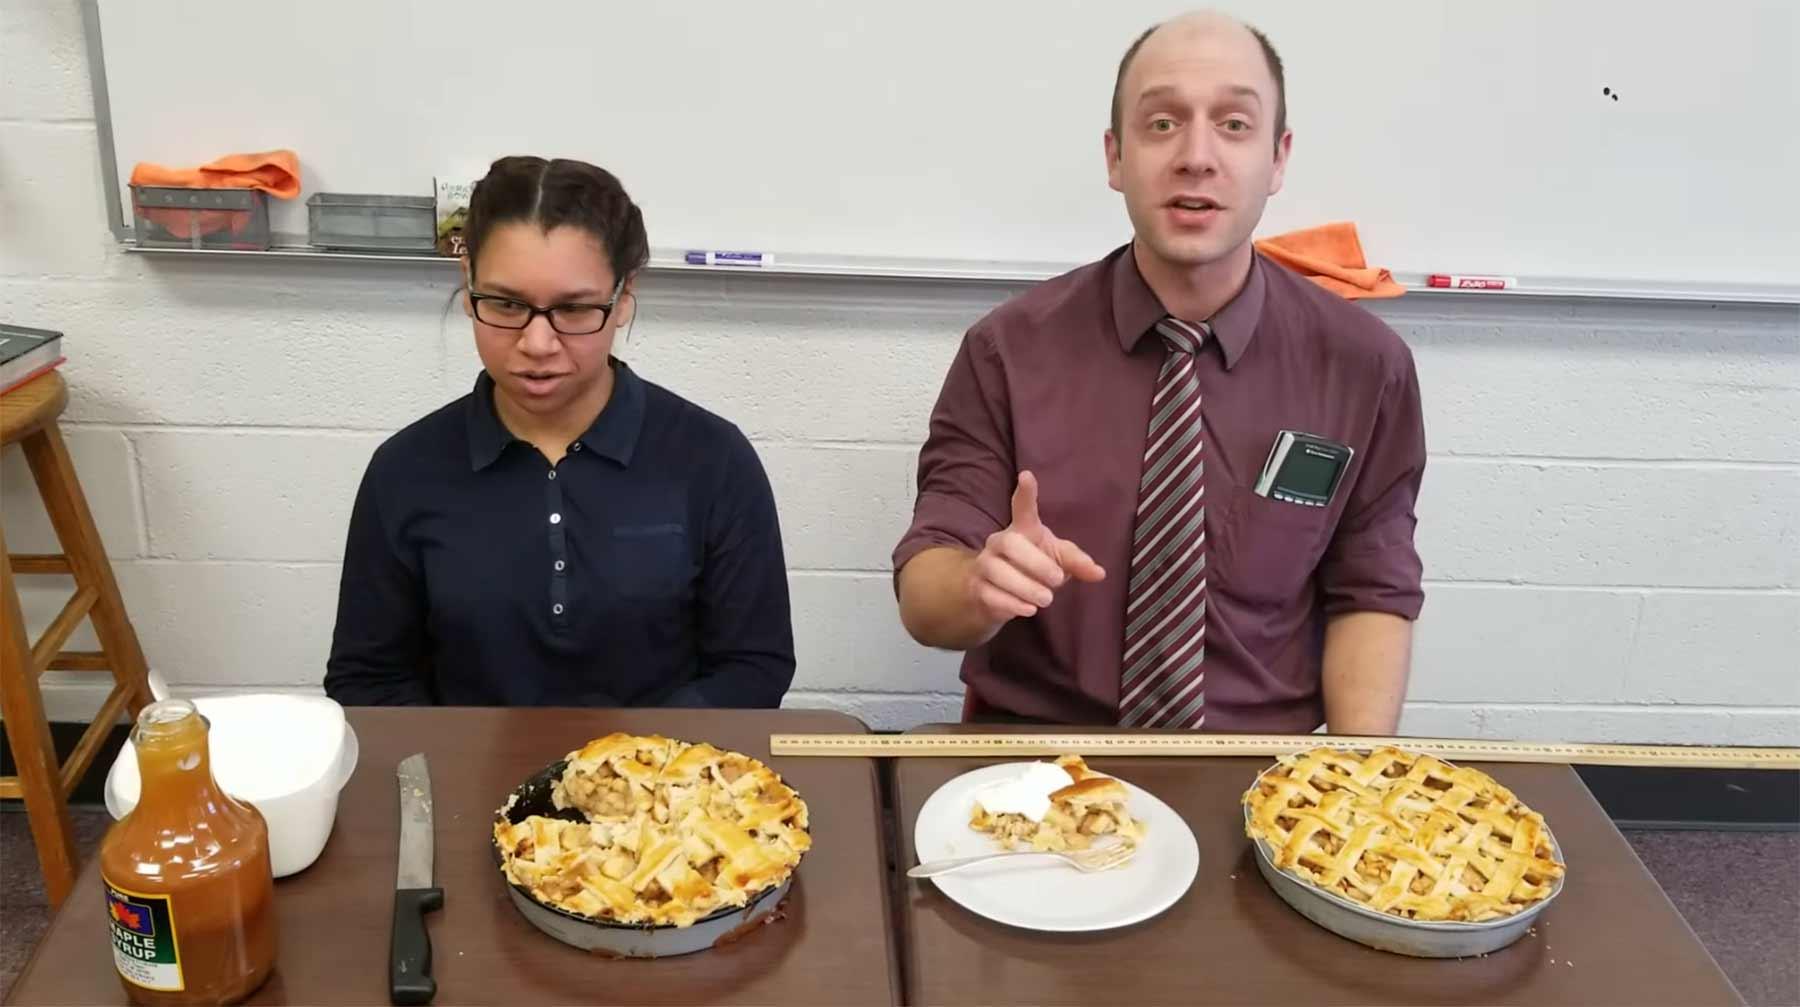 Mathelehrer ertanzt sich Kuchen und erklärt dann Pi daran